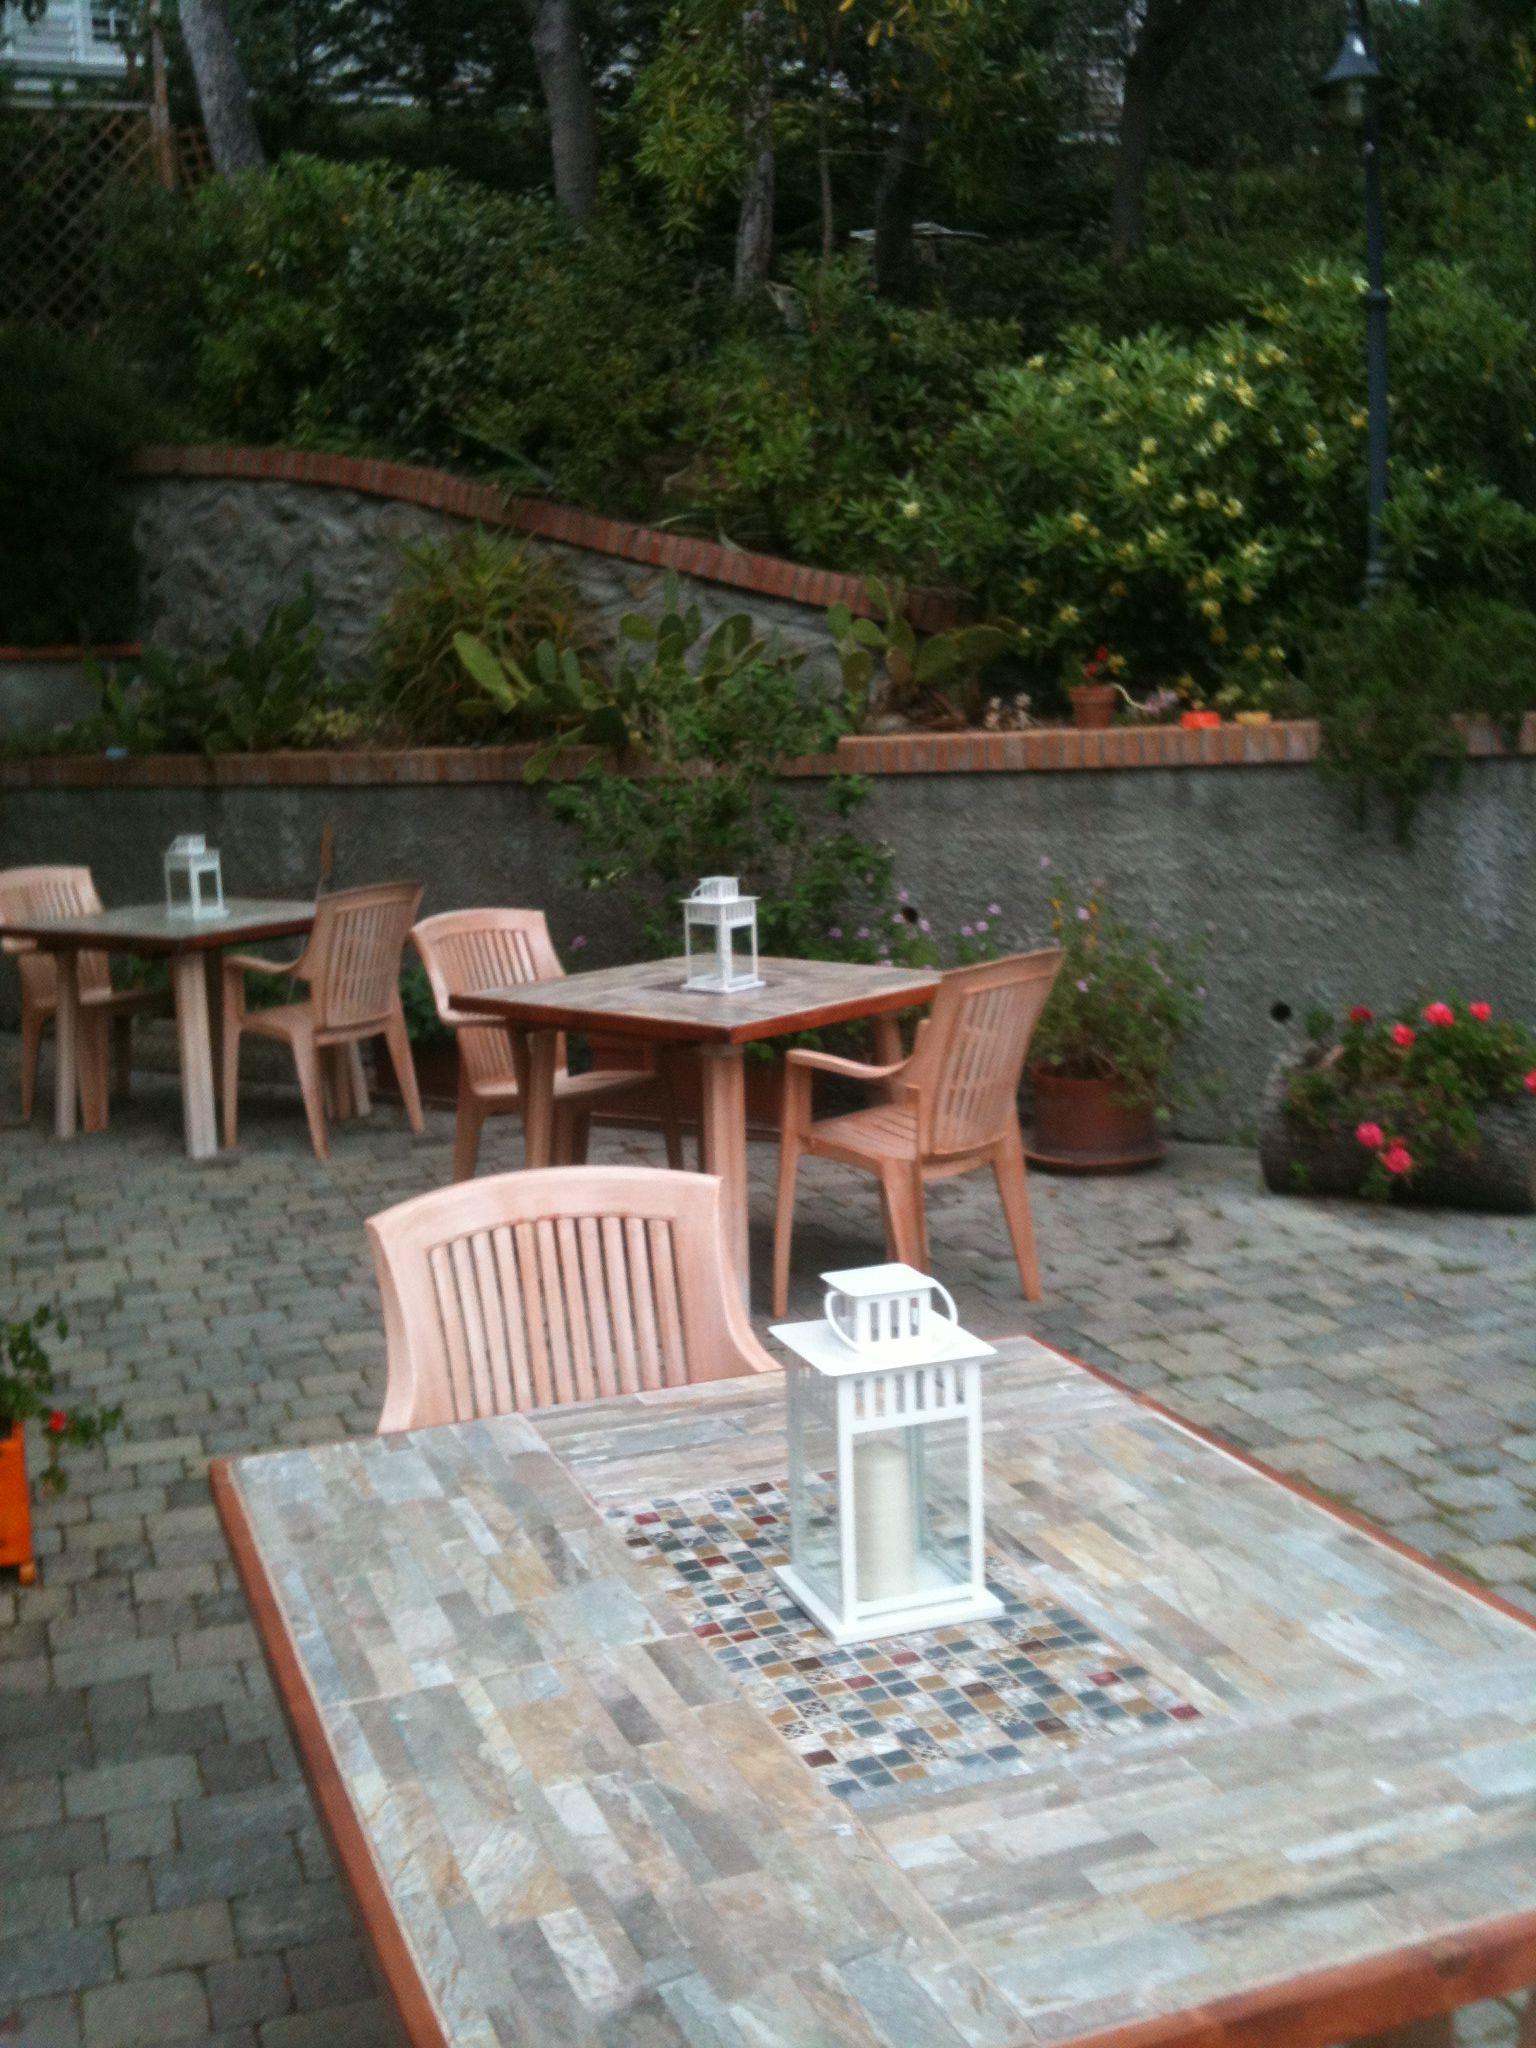 Costruire Un Tavolo Da Giardino.Come Rinnovare Un Tavolo Di Plastica Da Esterno Telaio In Legno E